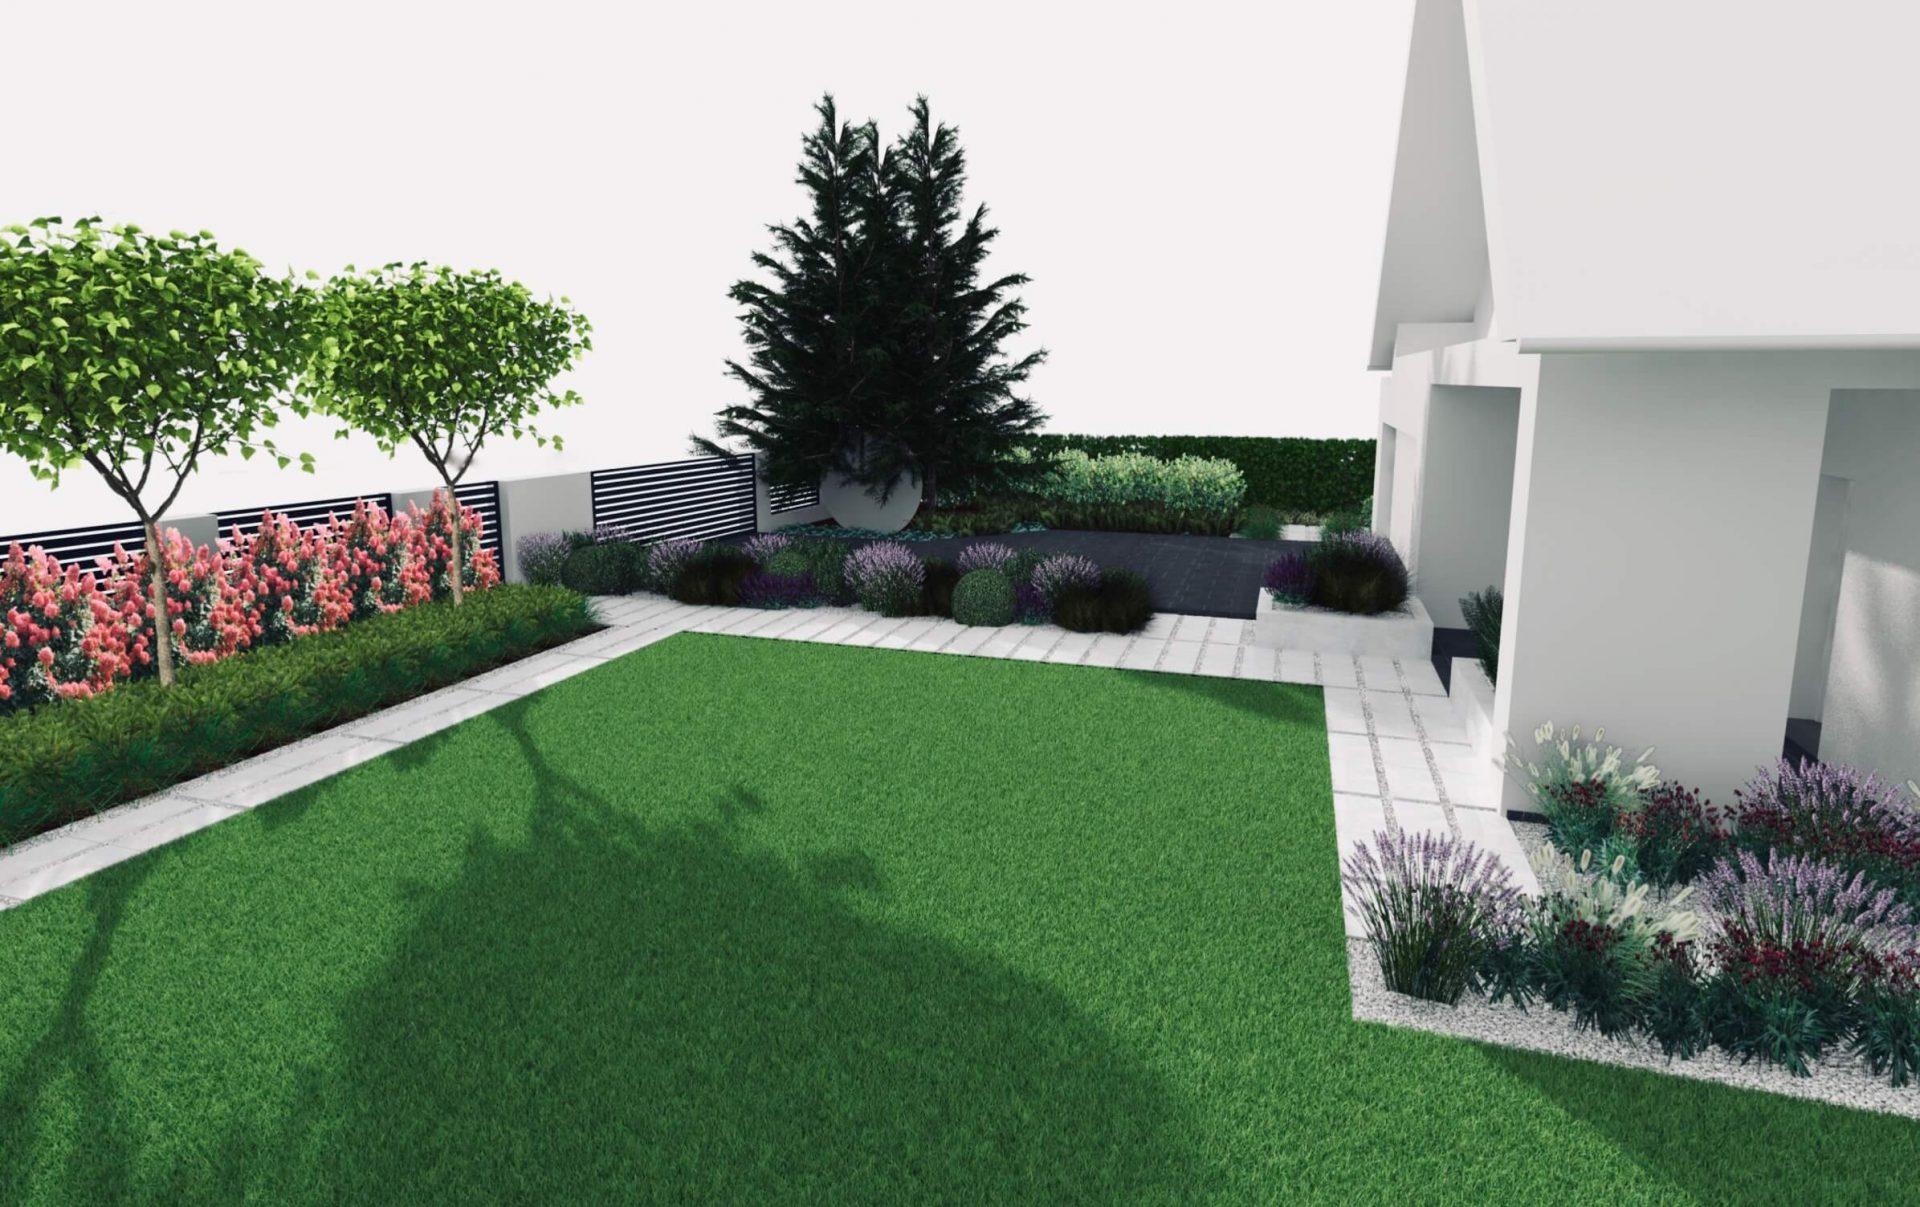 Ogród frontowy, ścieżka z płyt w grysie, lawendy byliny, wizualizacja projekt ogrodu